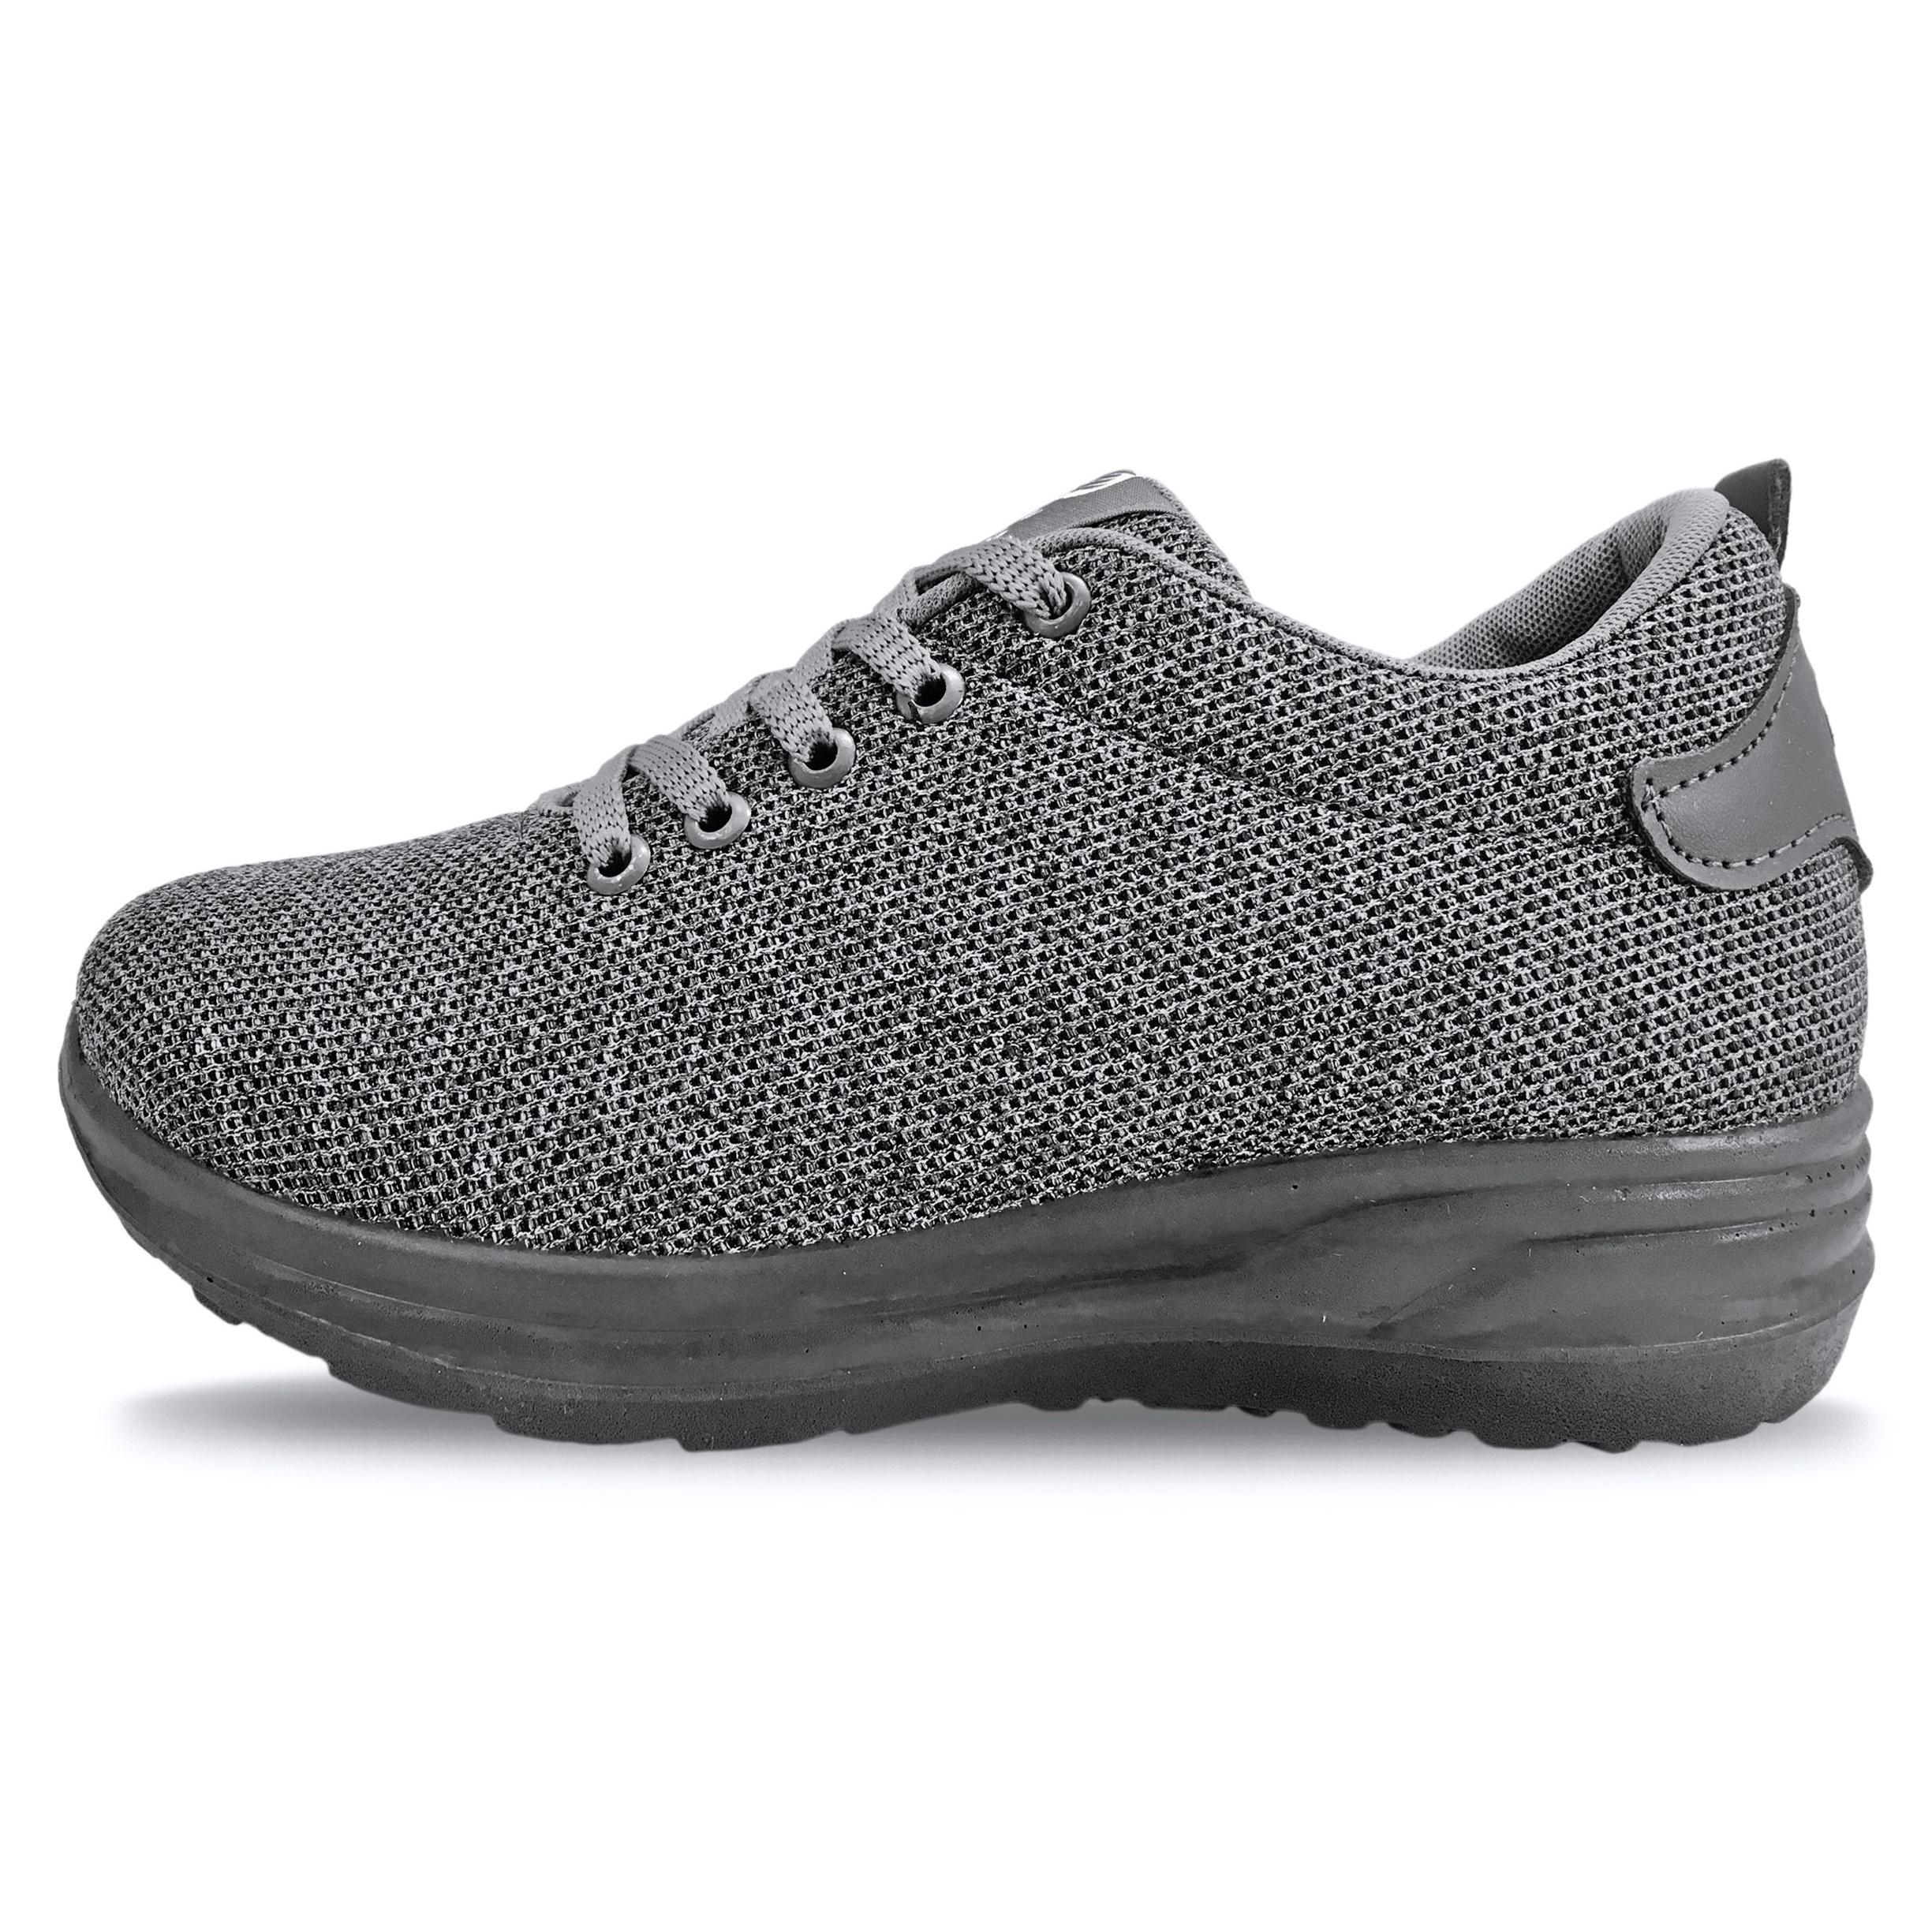 کفش مخصوص پیاده روی زنانه کد 3692